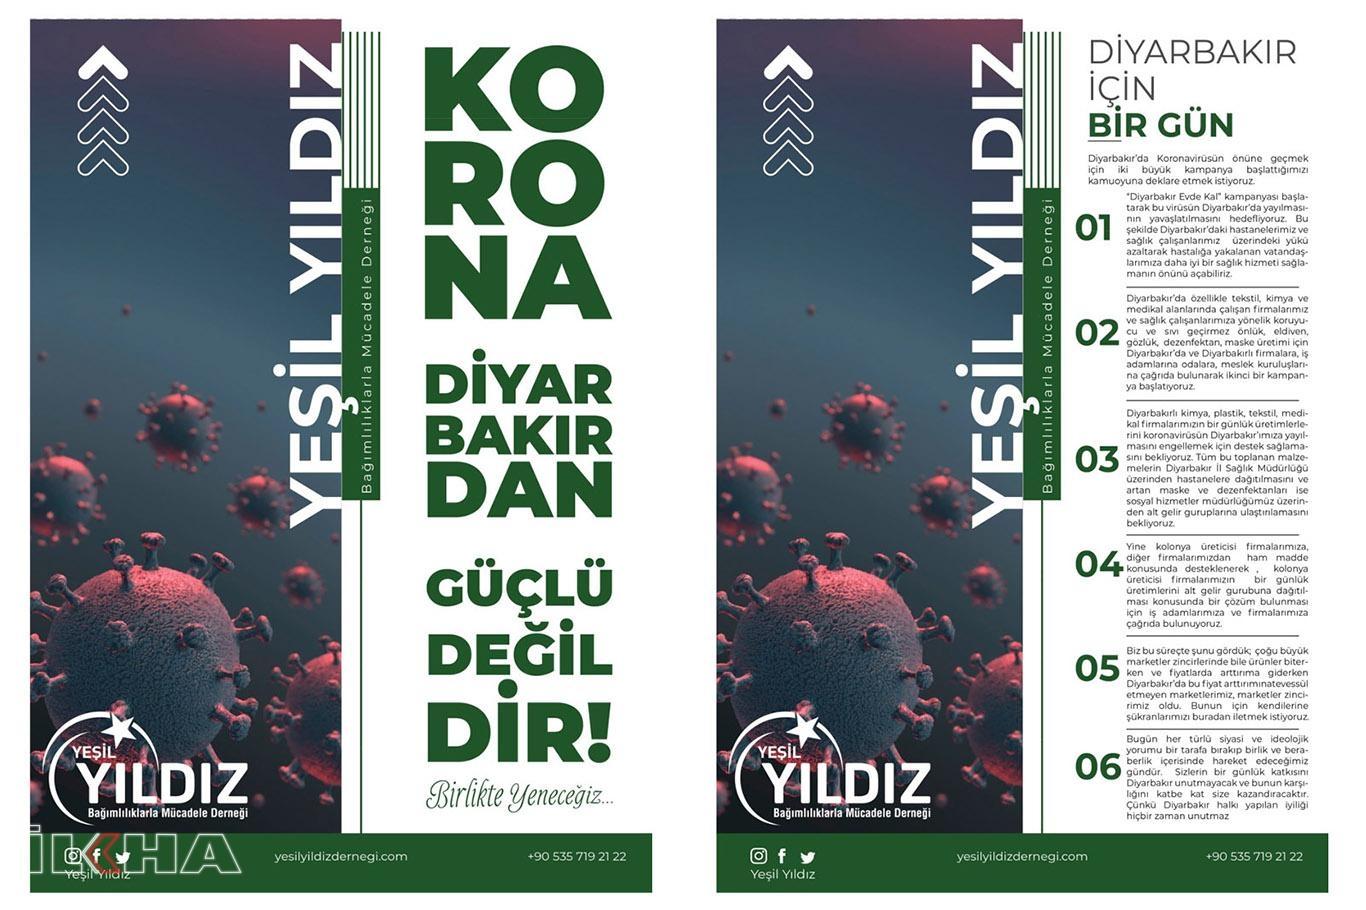 Diyarbakırda farkındalık çalışması başlatıldı